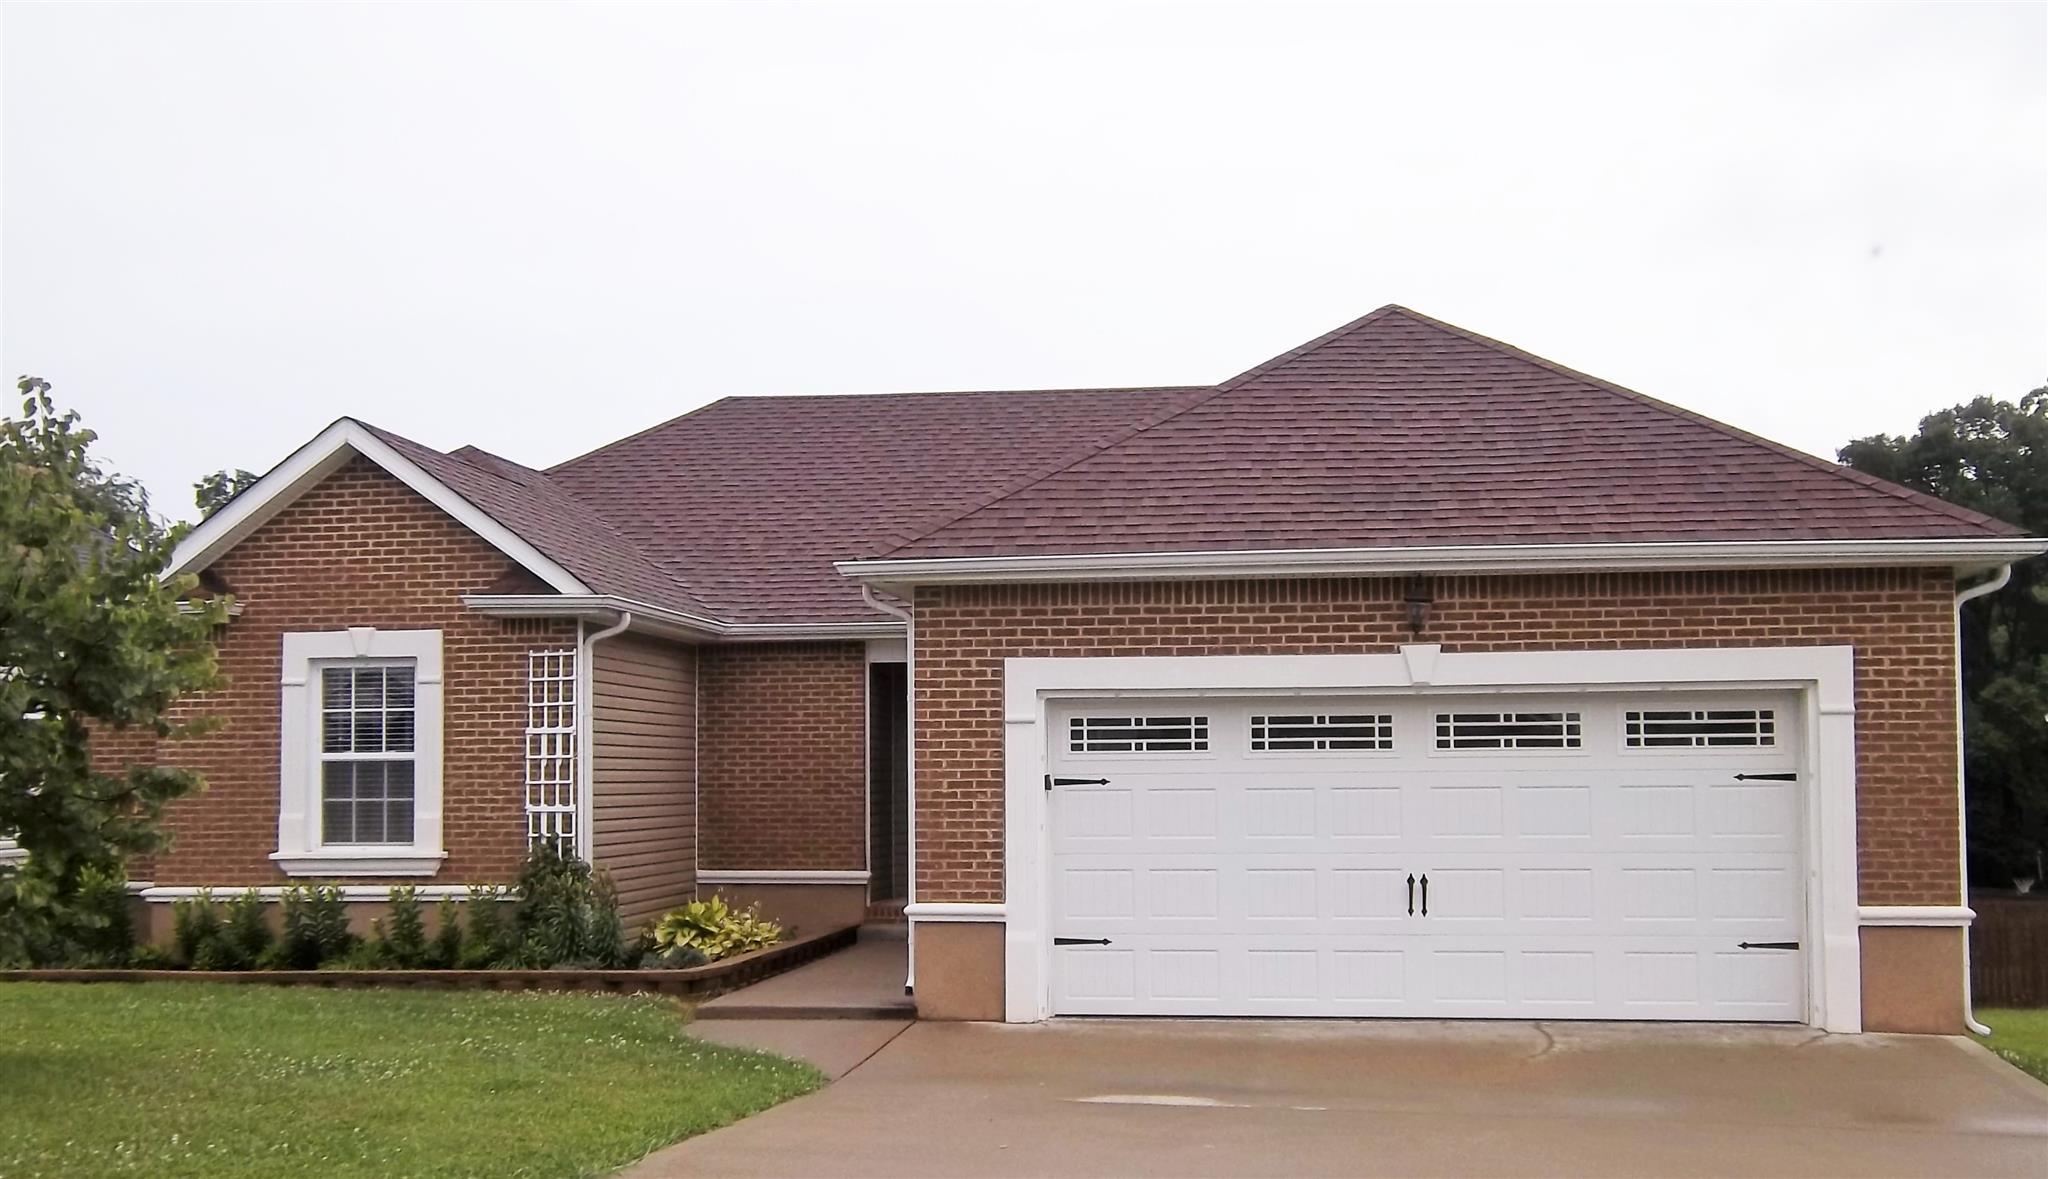 2640 Arthurs Ct, Clarksville, TN 37040